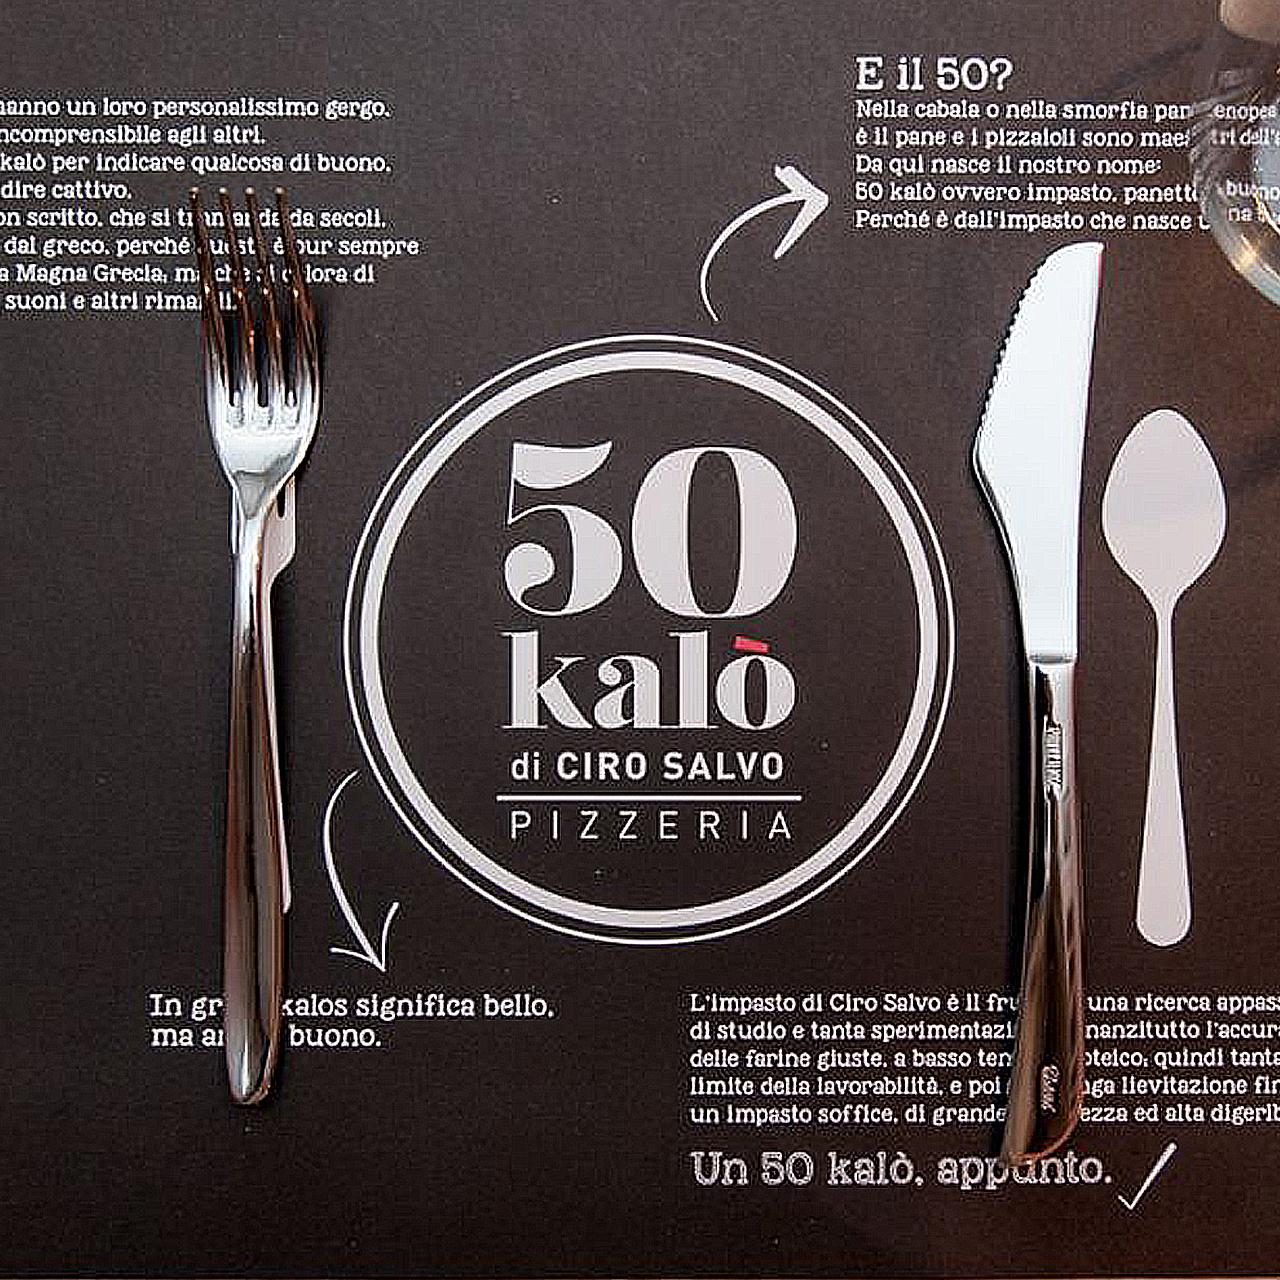 Comunicazione punto vendita 50 Kalò di Ciro Salvo - Web agency Napoli - Libellula Grafica Lab